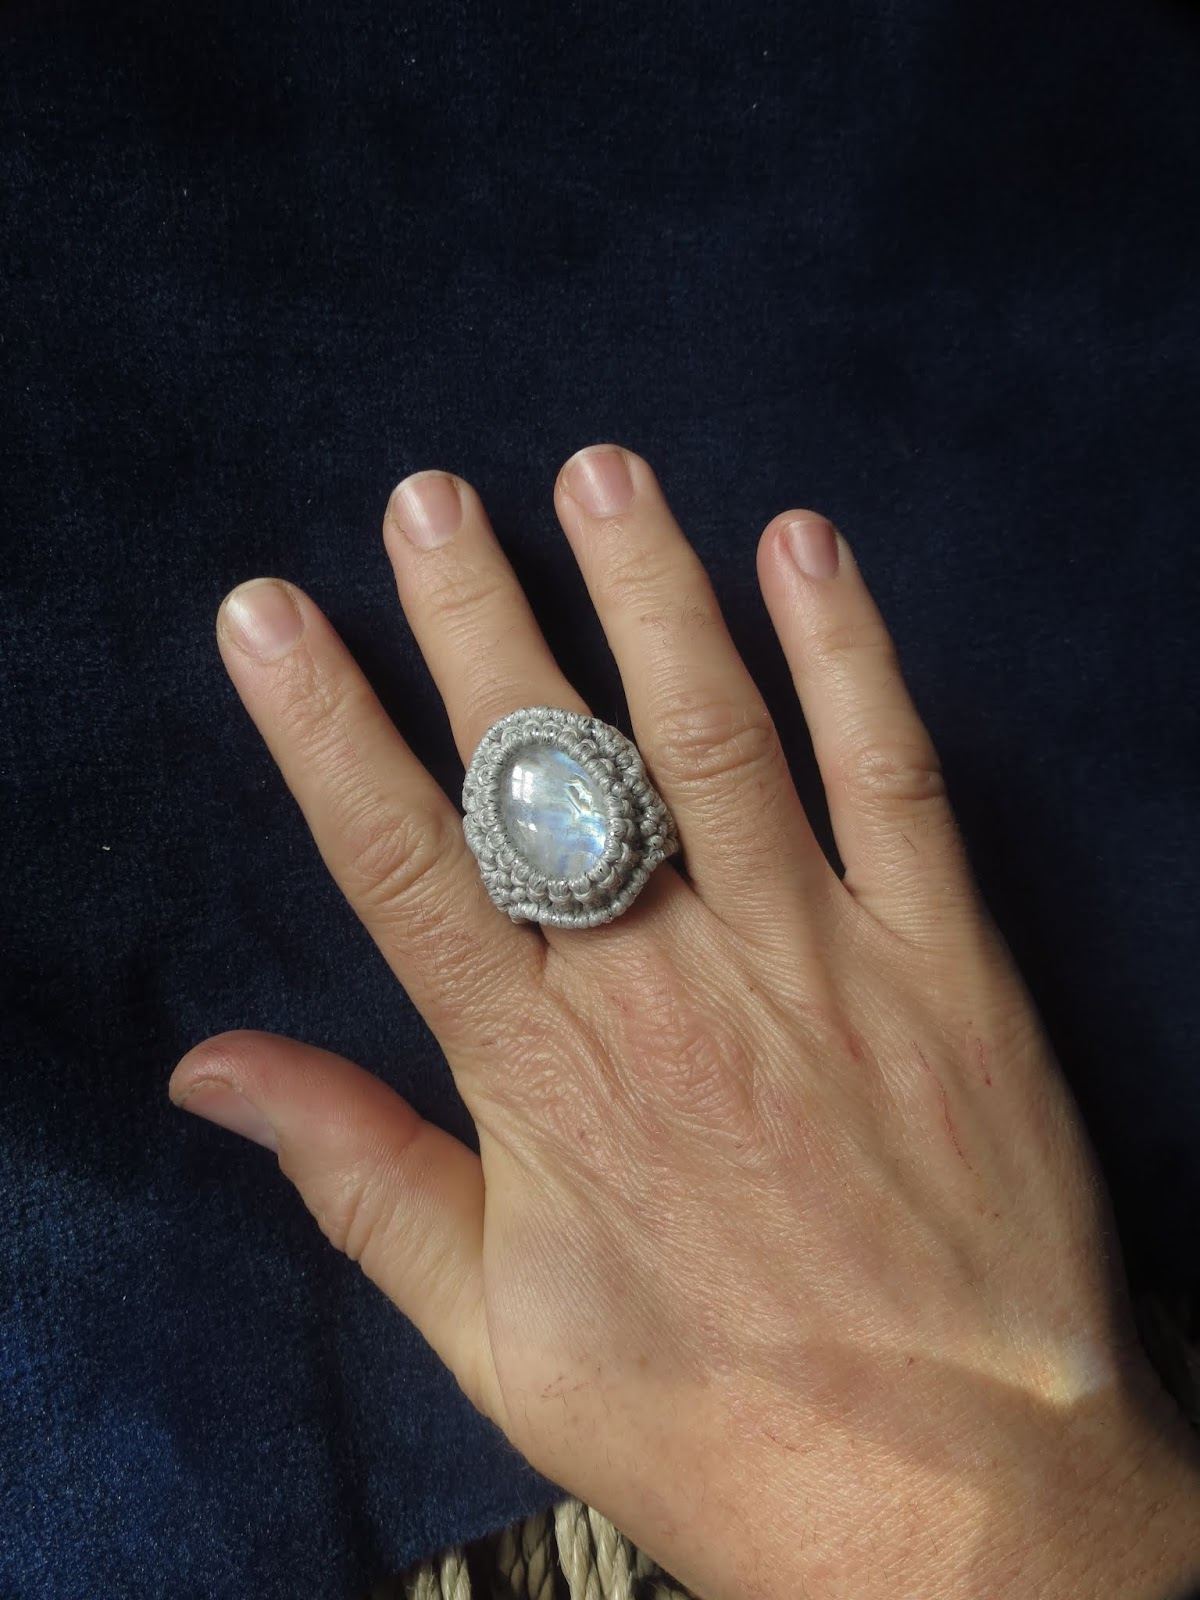 0dcd4cb06c79 the4lmnts: Anillo con piedra lunar arcoiris